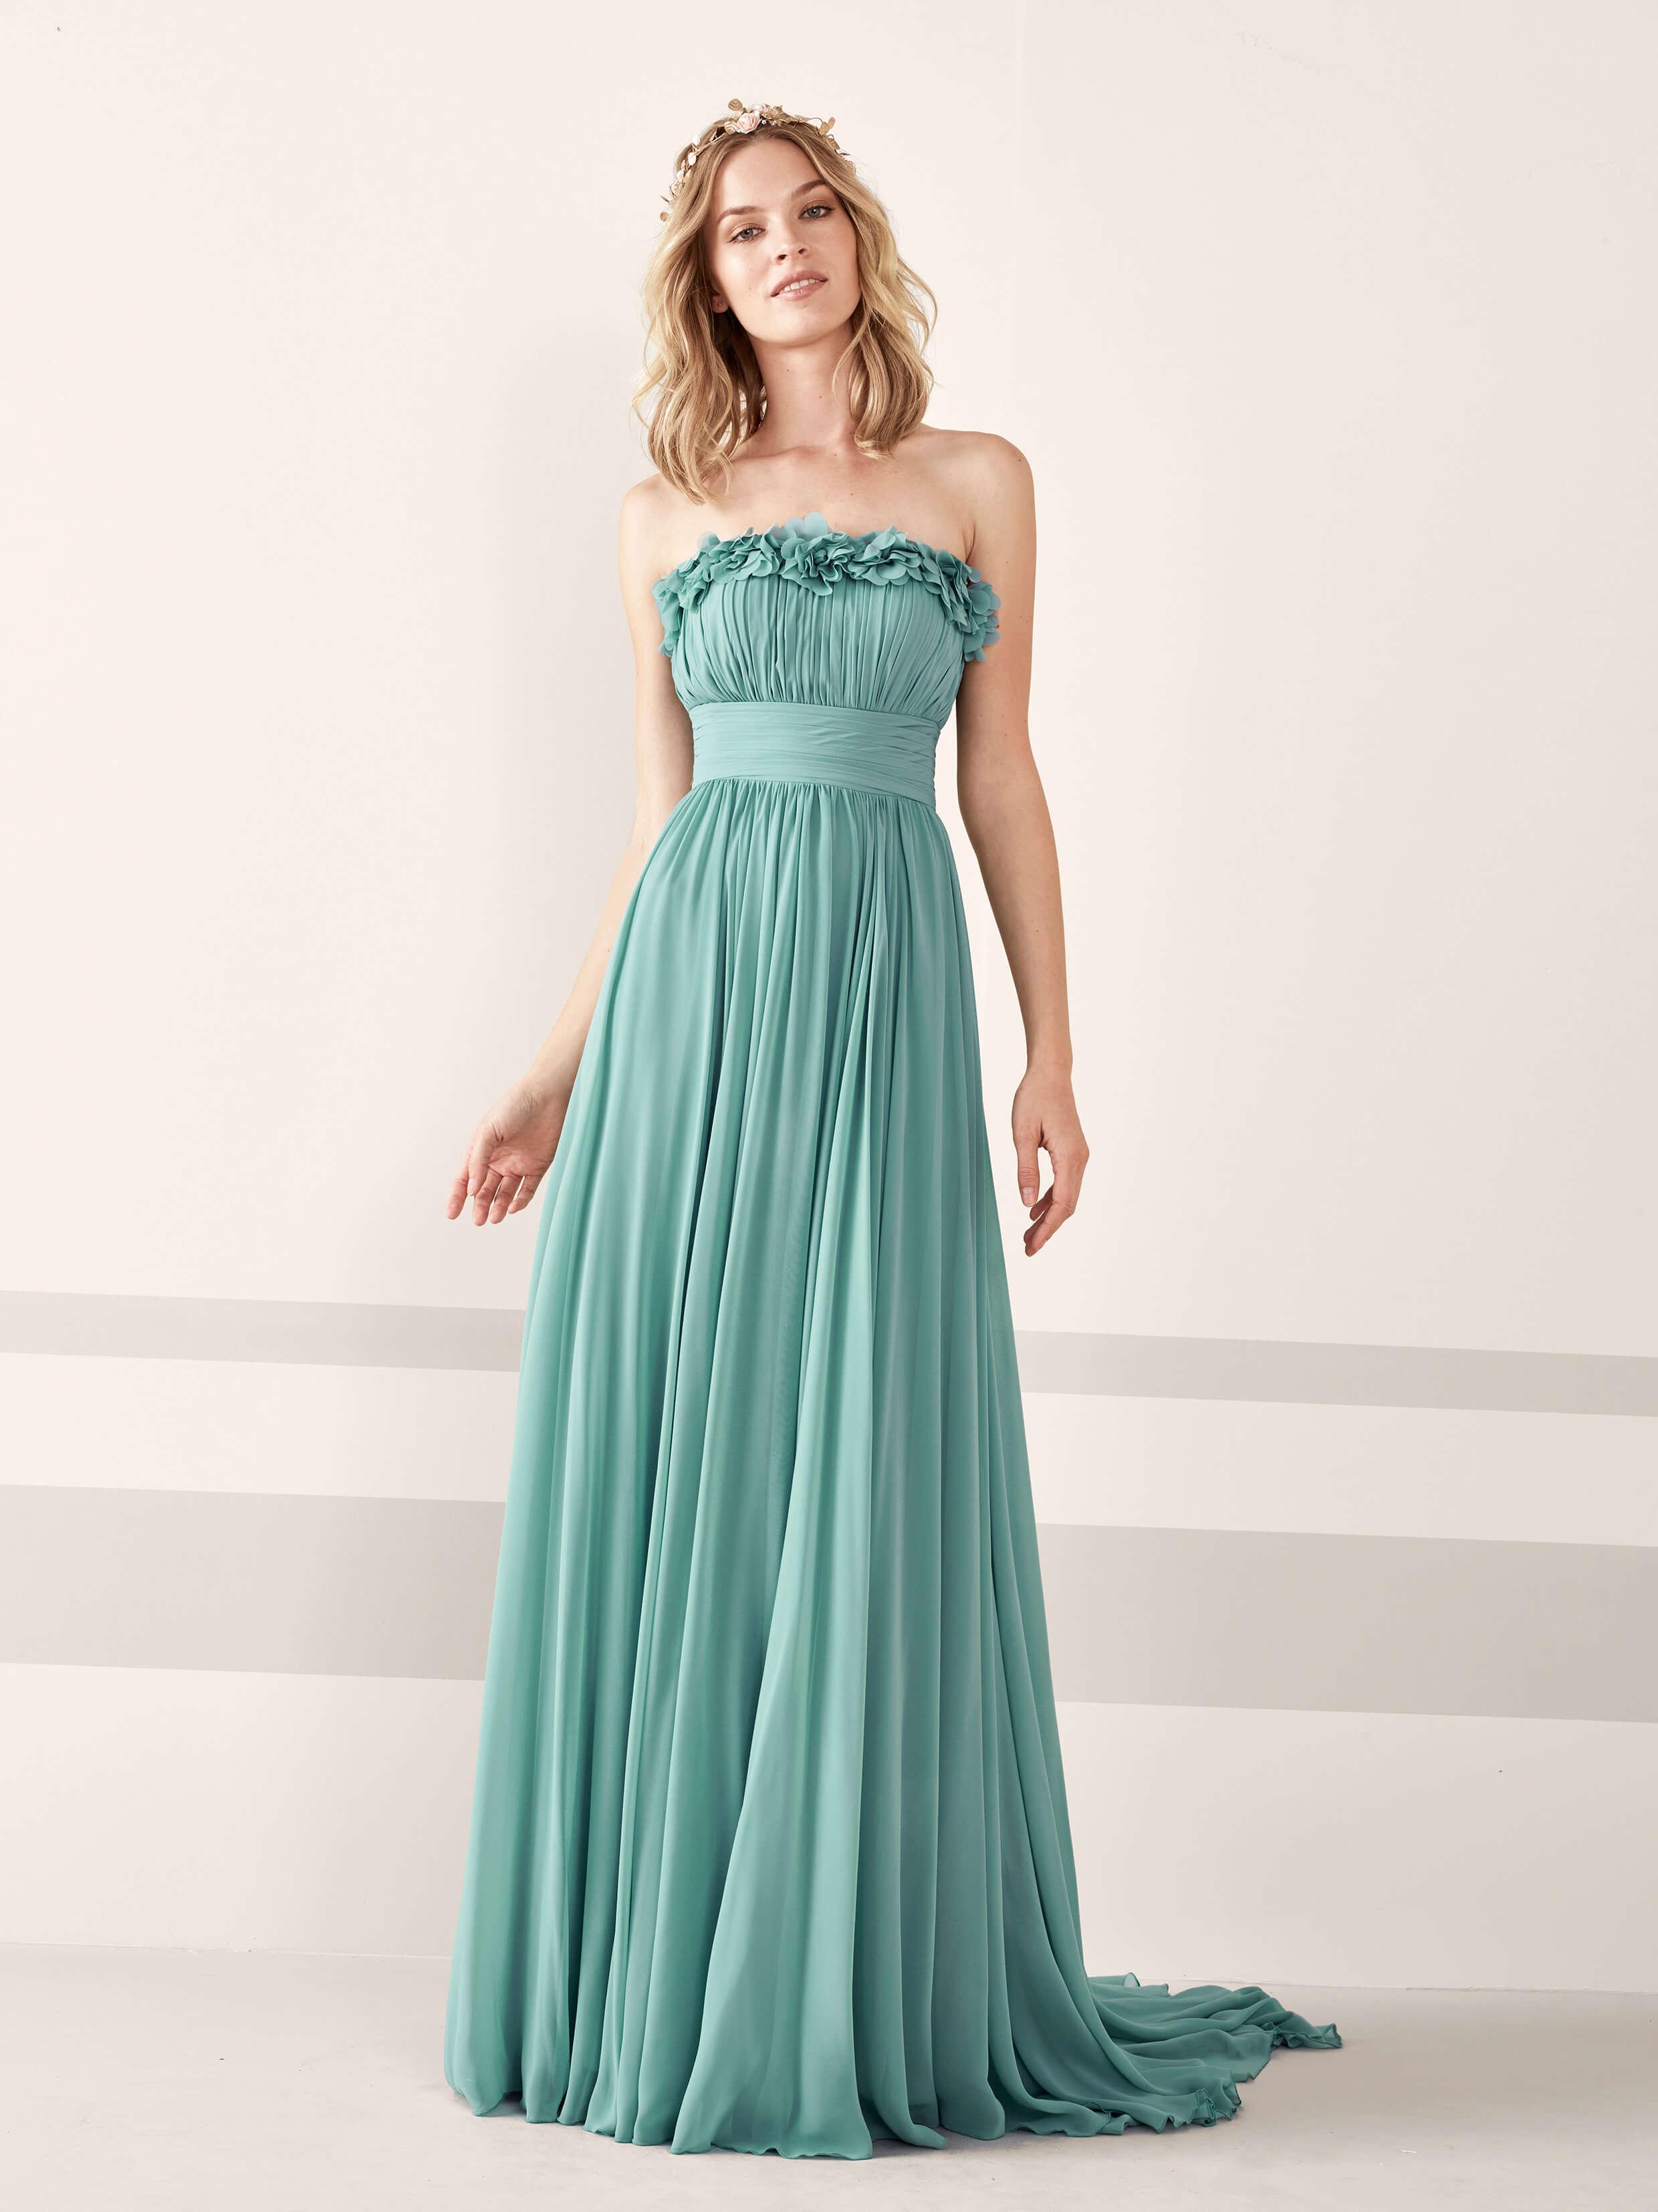 Pronovias presenta su nueva colección de vestidos de fiesta para 2019